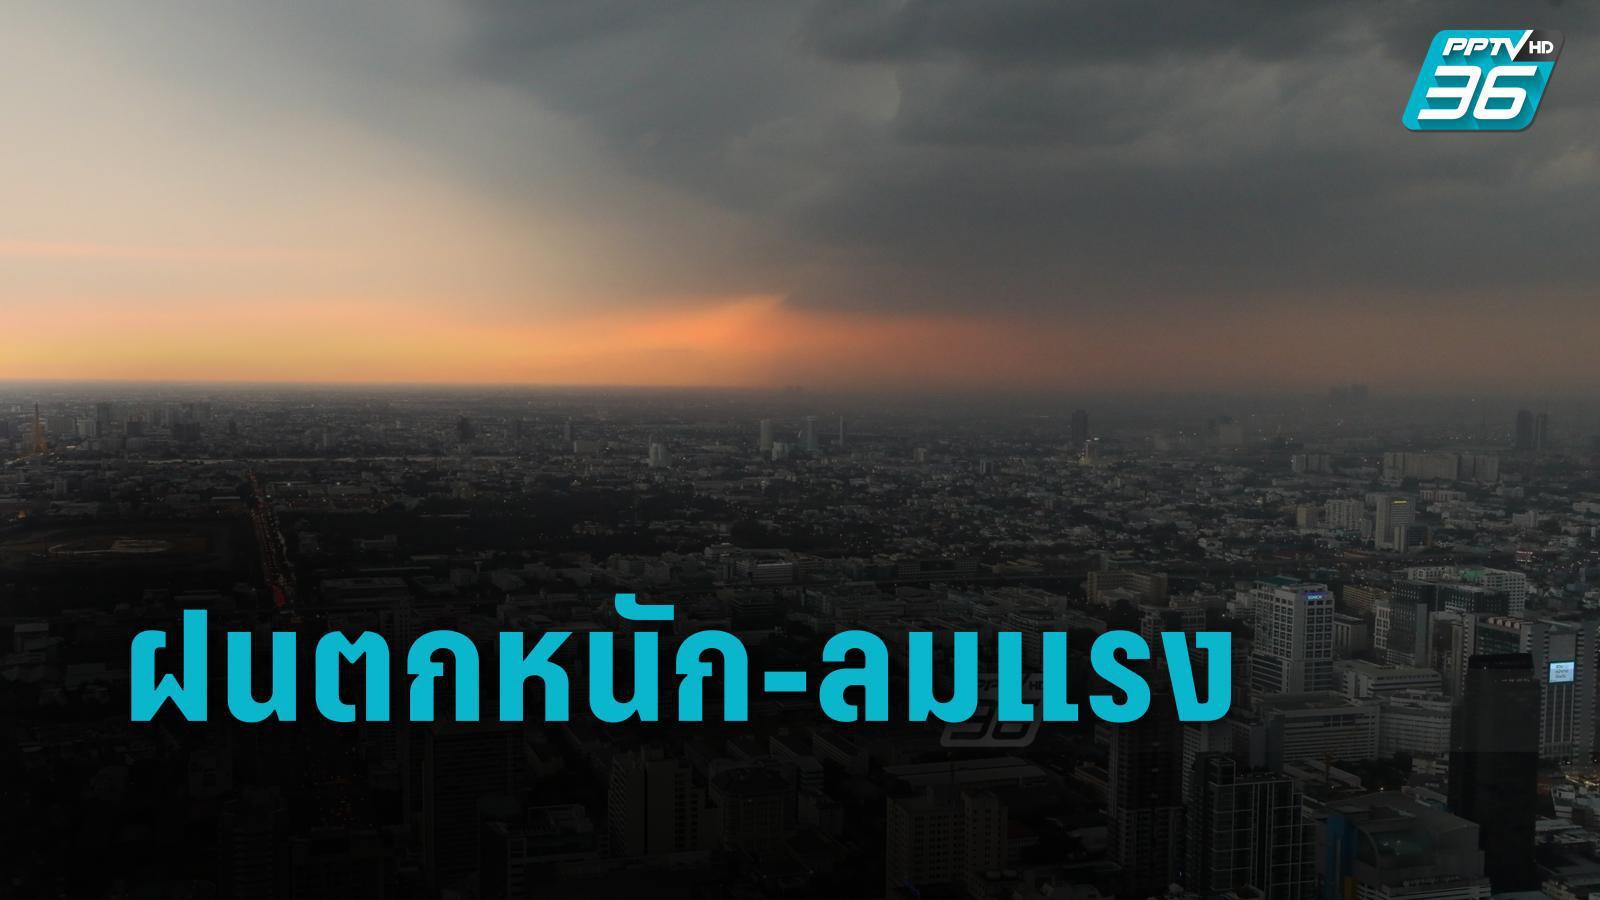 อุตุฯ เตือน ไทยระวังฝนตกหนัก-ลมแรง กทม.มีปริมาณฝน 30 %